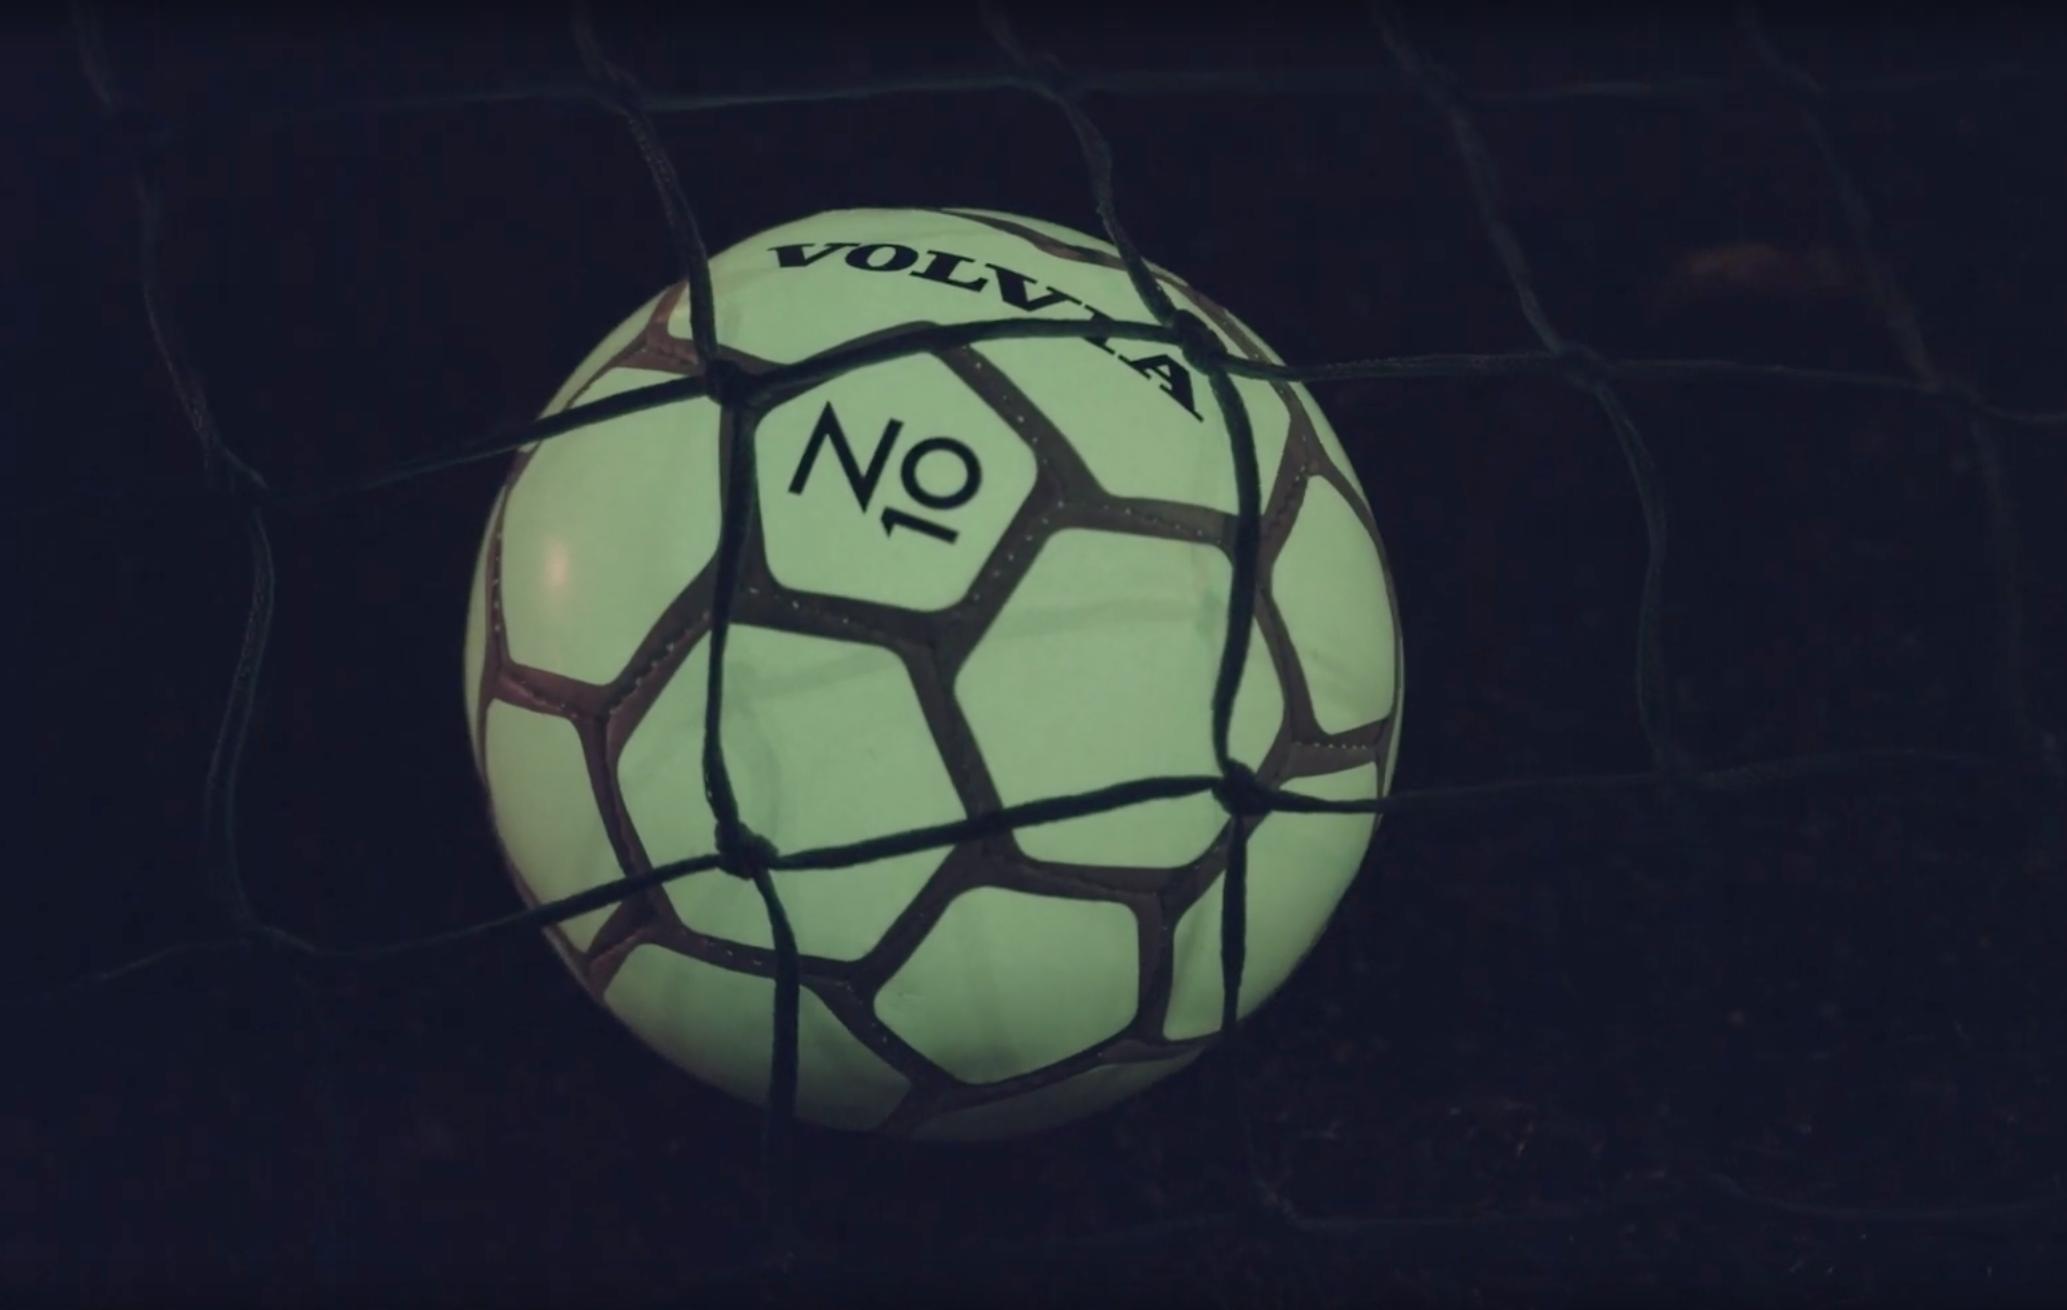 Nyheter - Ett självlysande initiativ för att utveckla svensk fotboll och säkerheten i trafiken på samma gång. Se filmen